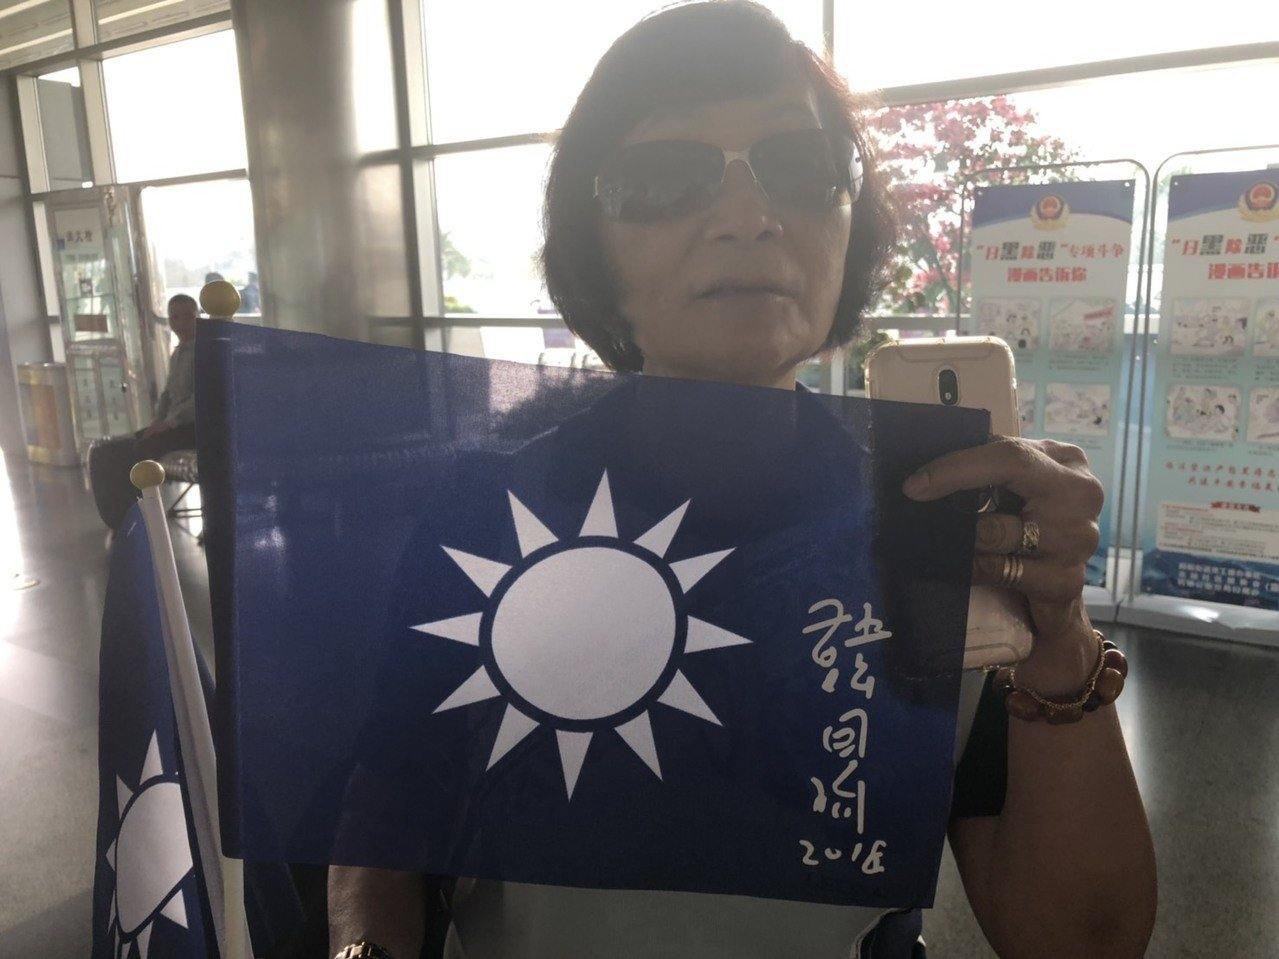 「超級韓粉」吳鳳儀帶著韓國瑜簽名的旗幟到場送機,今天一早也到廈門機場等著送機,雖...